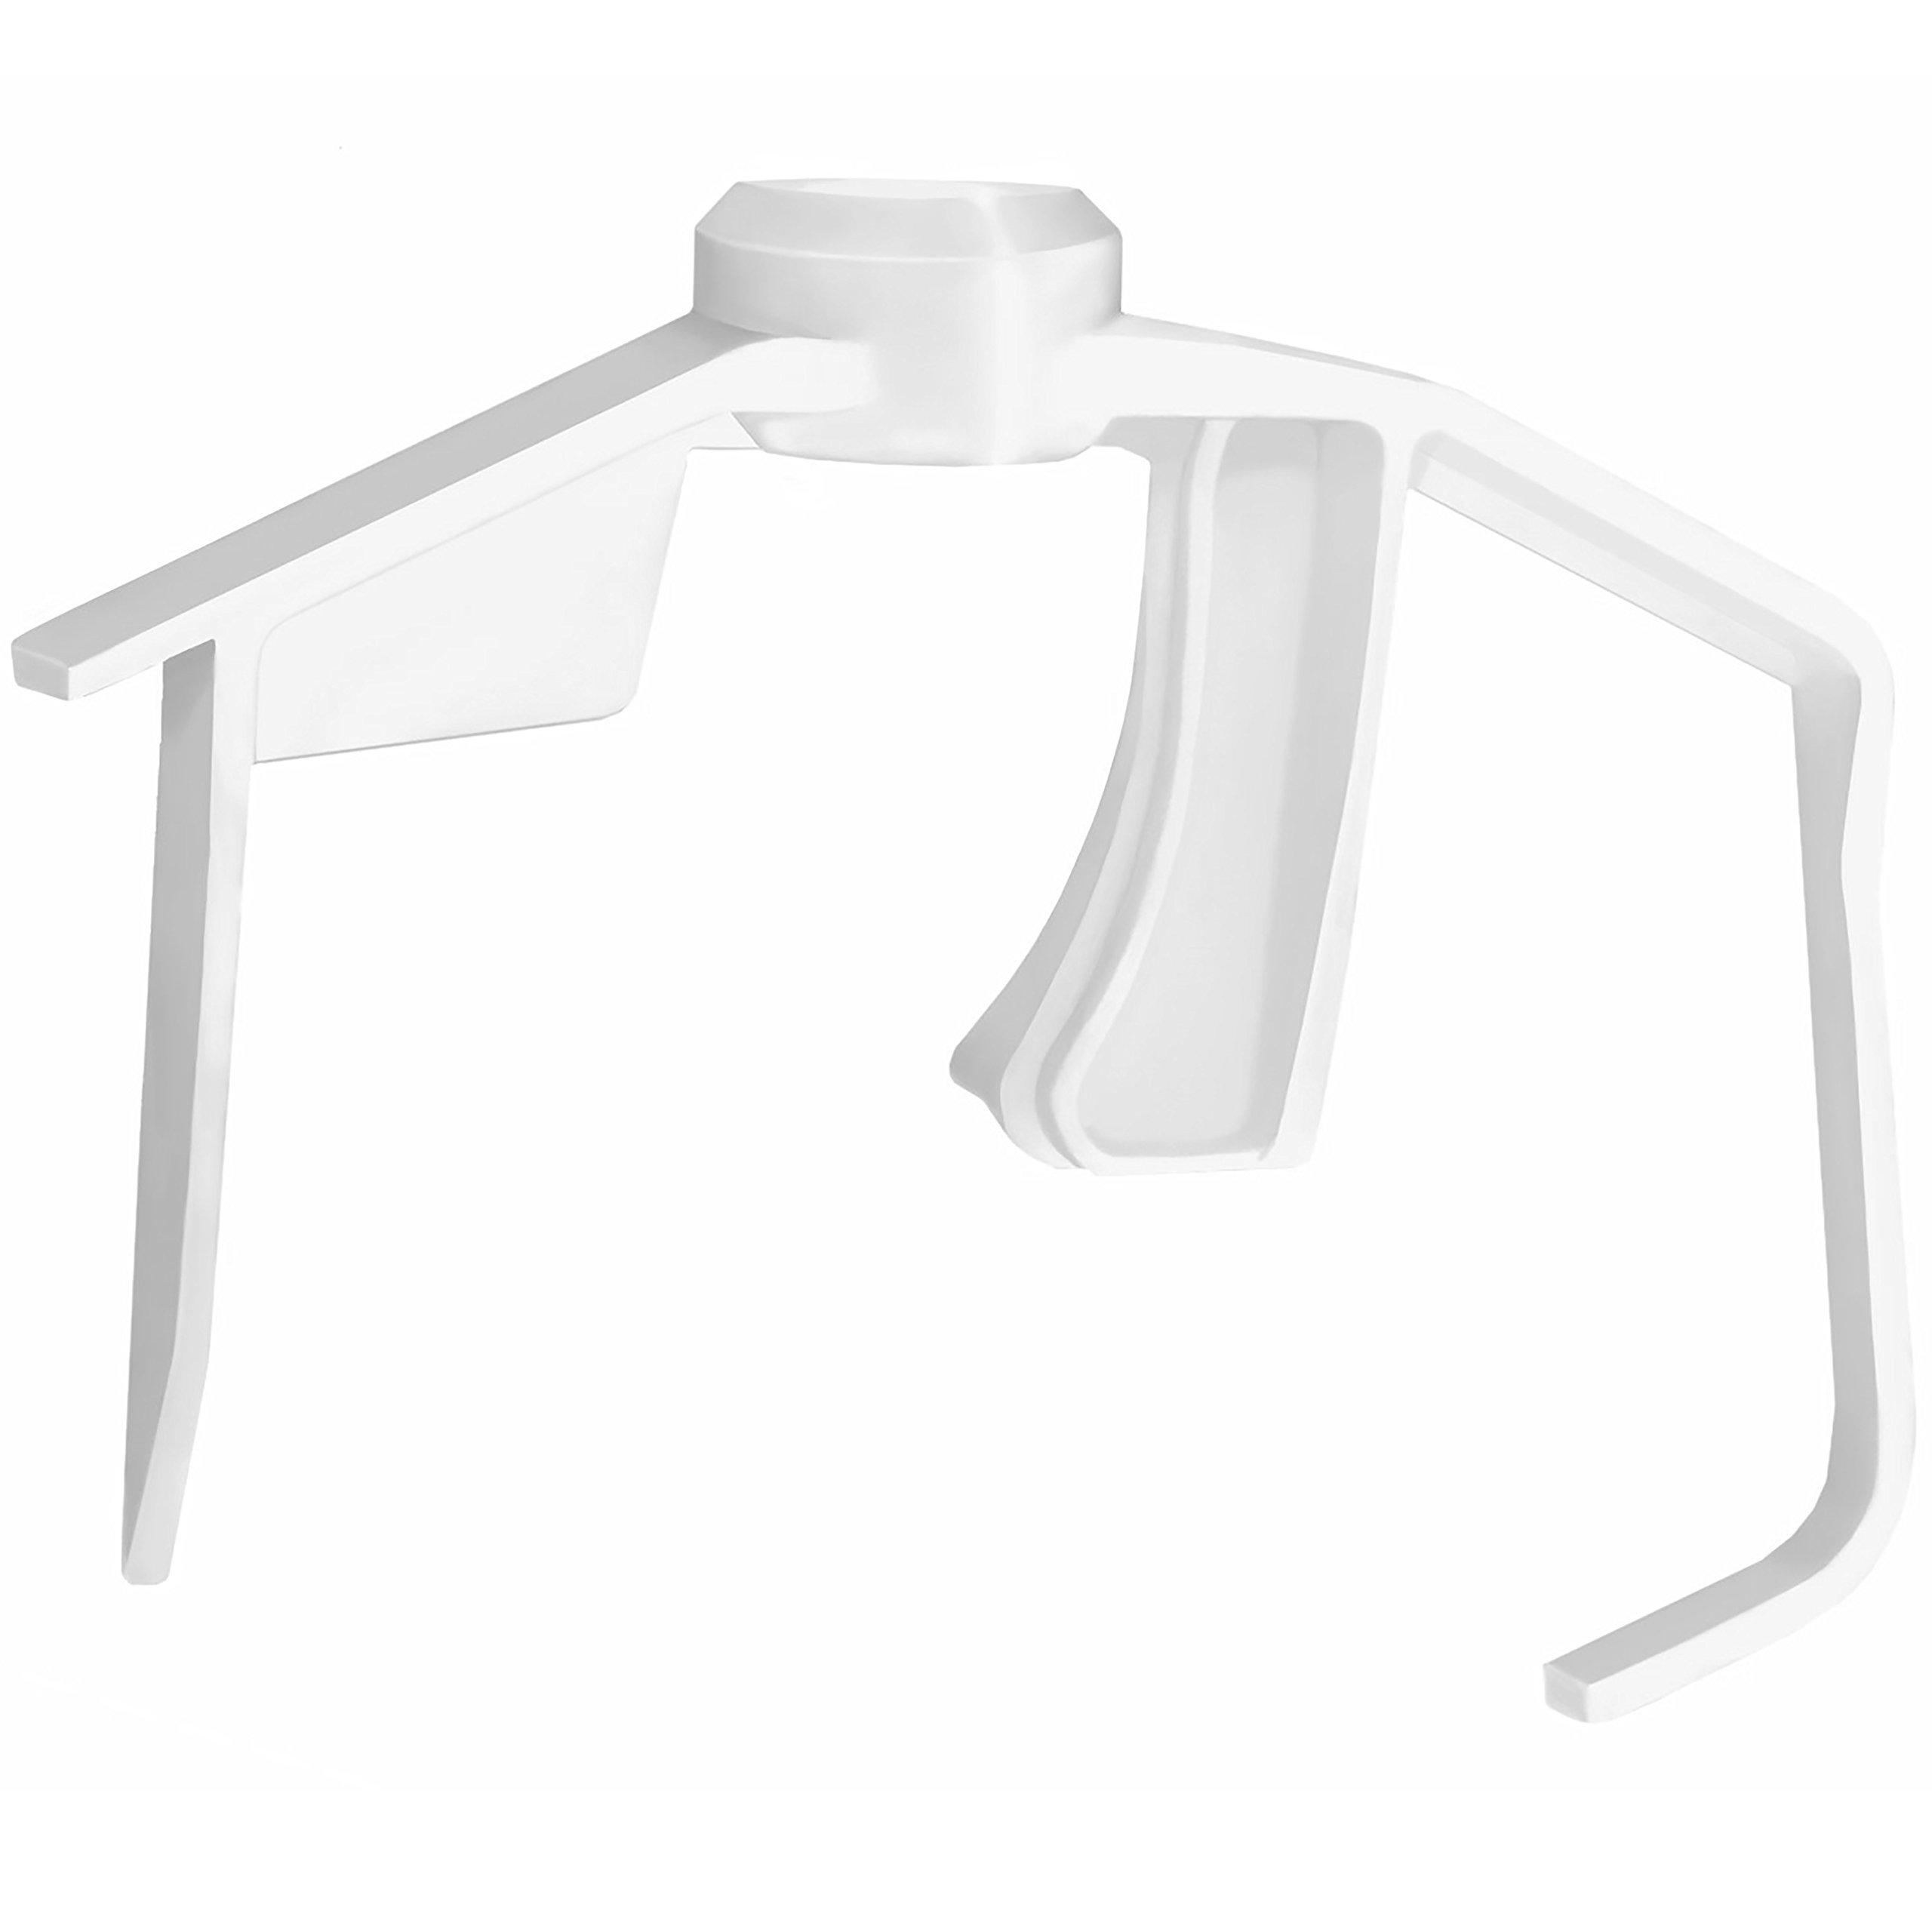 Bosch MUZ6DH1 Mini Dough Hook for Slicer Shredder